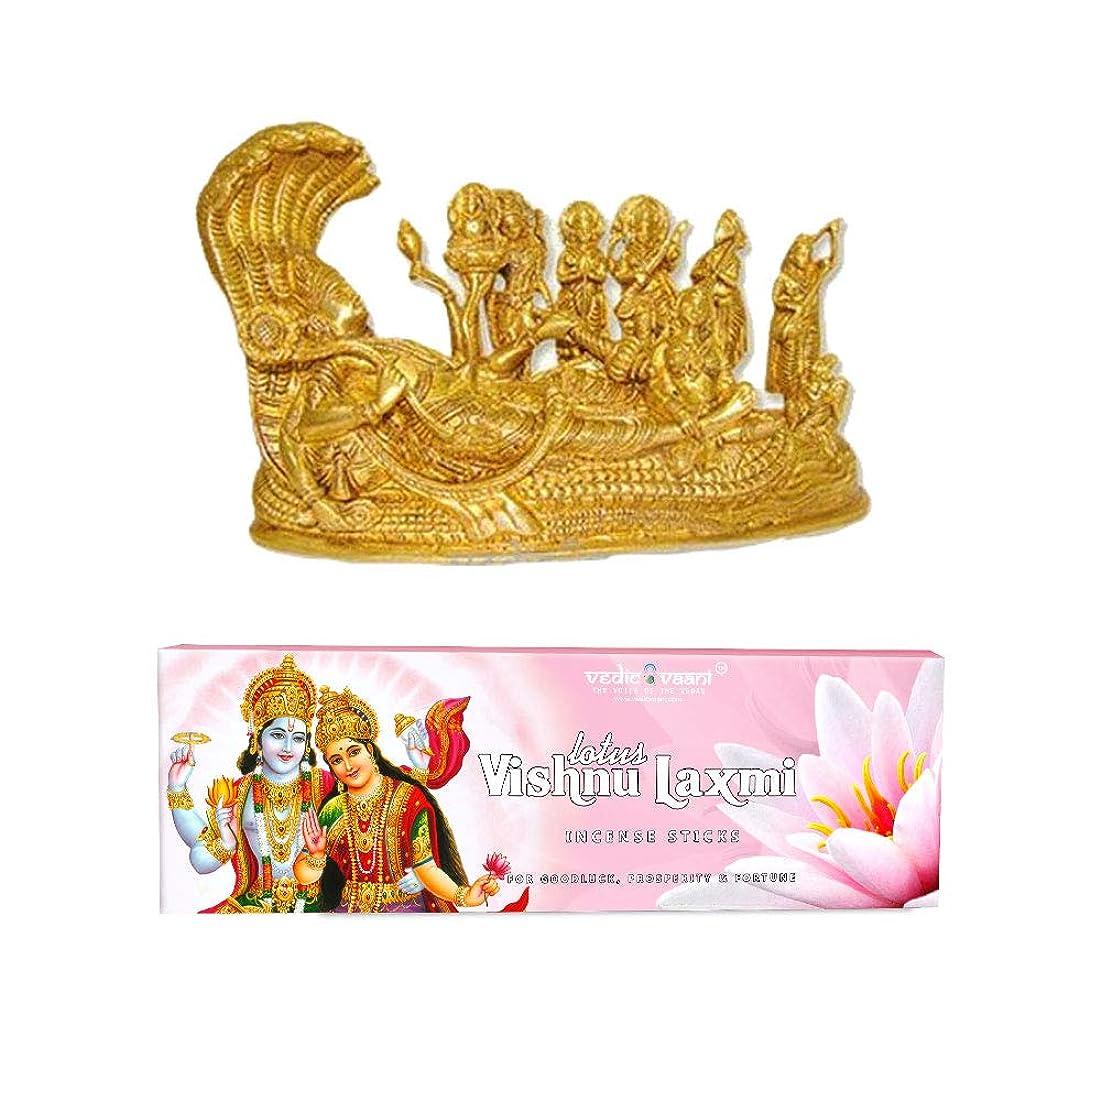 座標動的ケントVedic Vaani Vishnu Pariwar with Vishnu Laxmi お香スティック